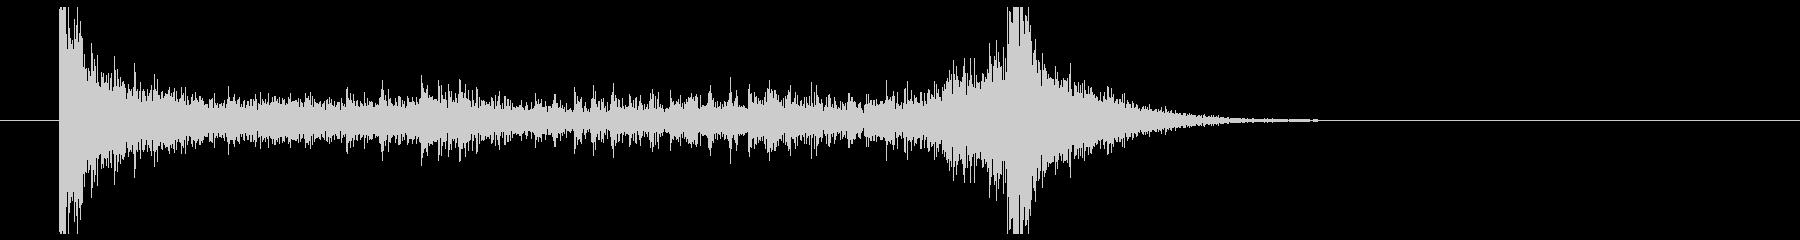 ティンパニーロール(4秒)の未再生の波形